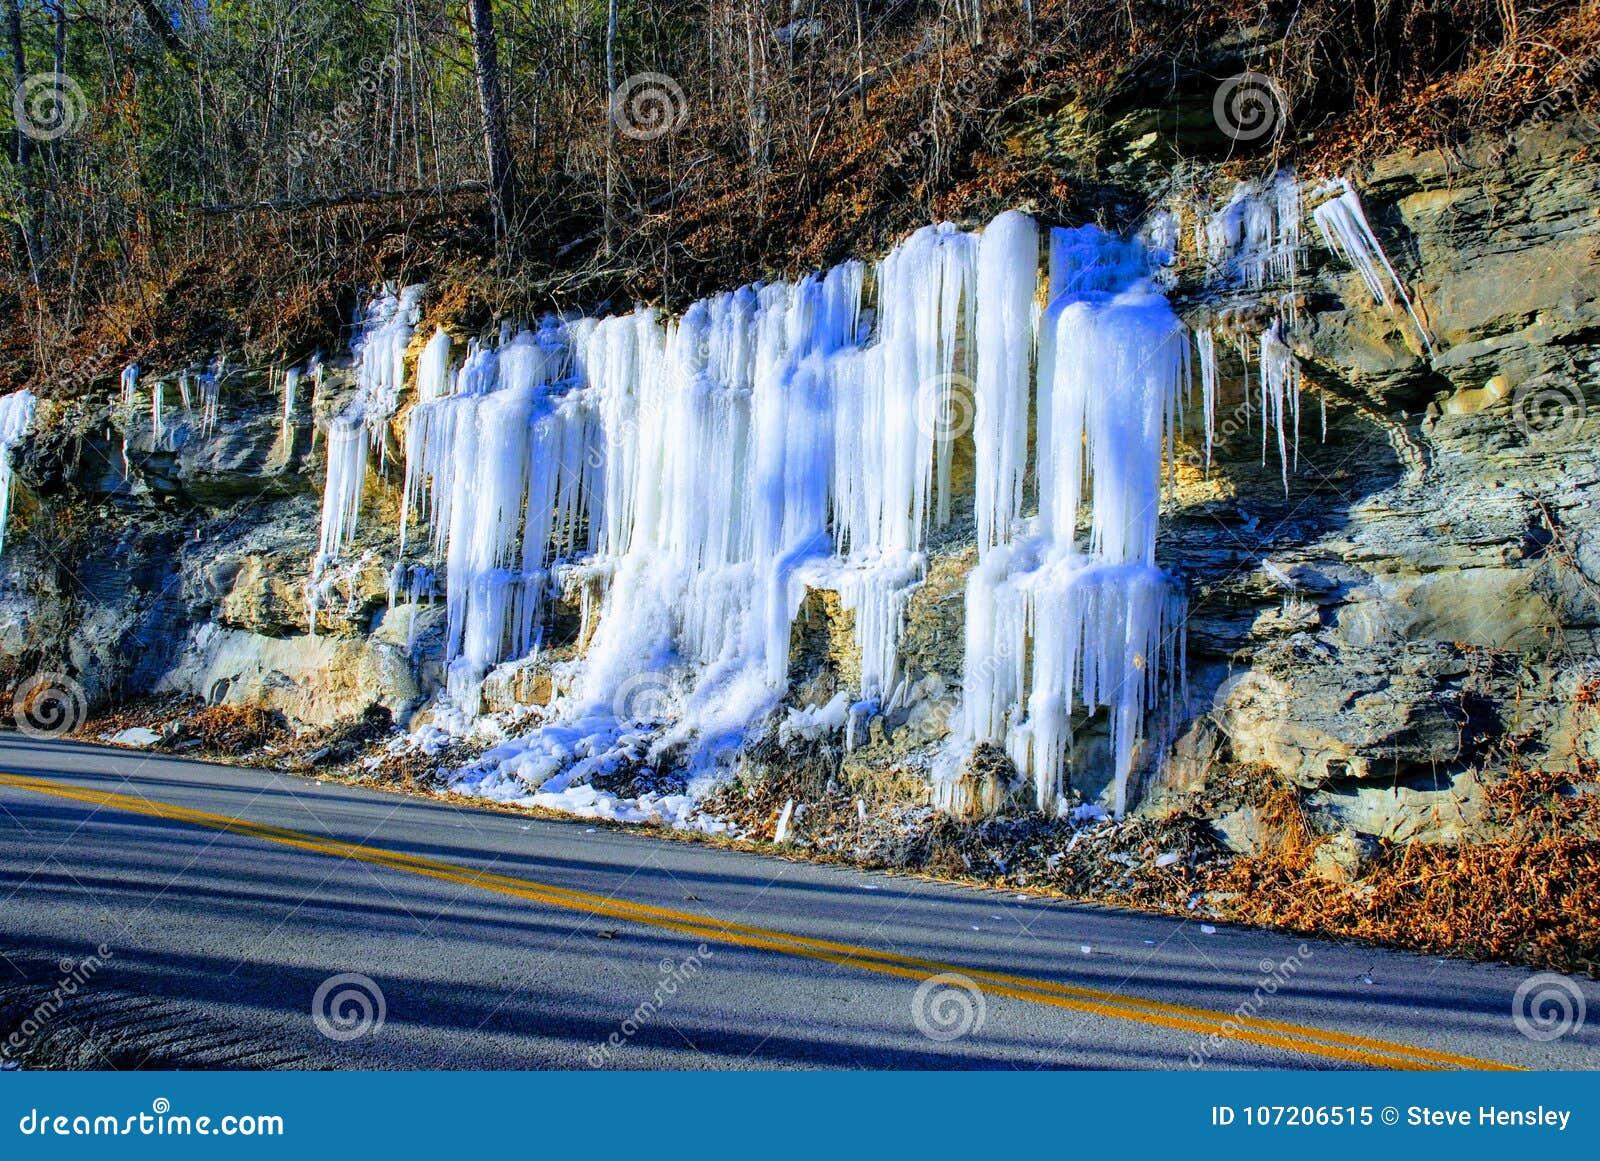 冰柱从沿穿过红河峡谷的路的岩石垂悬